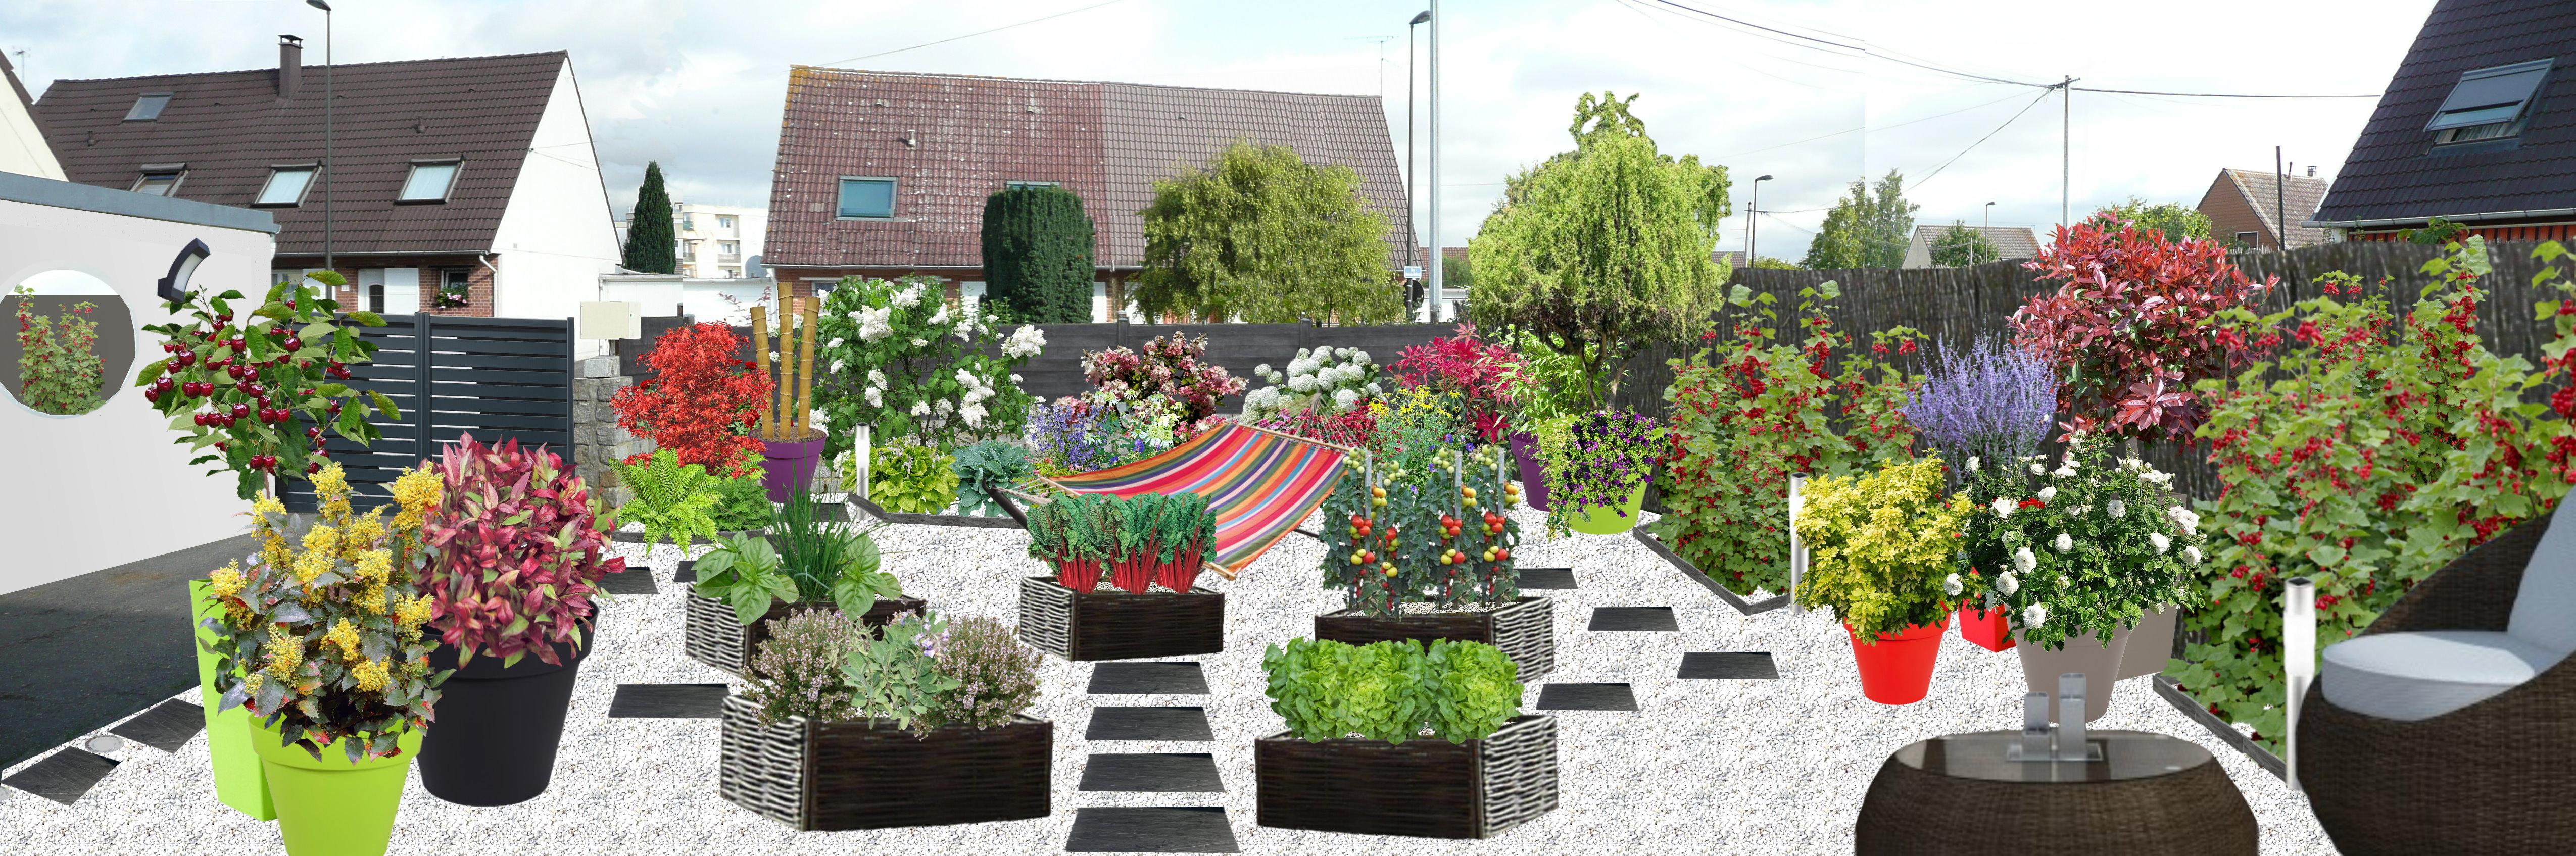 Notre book - Jardin tecina booking ...